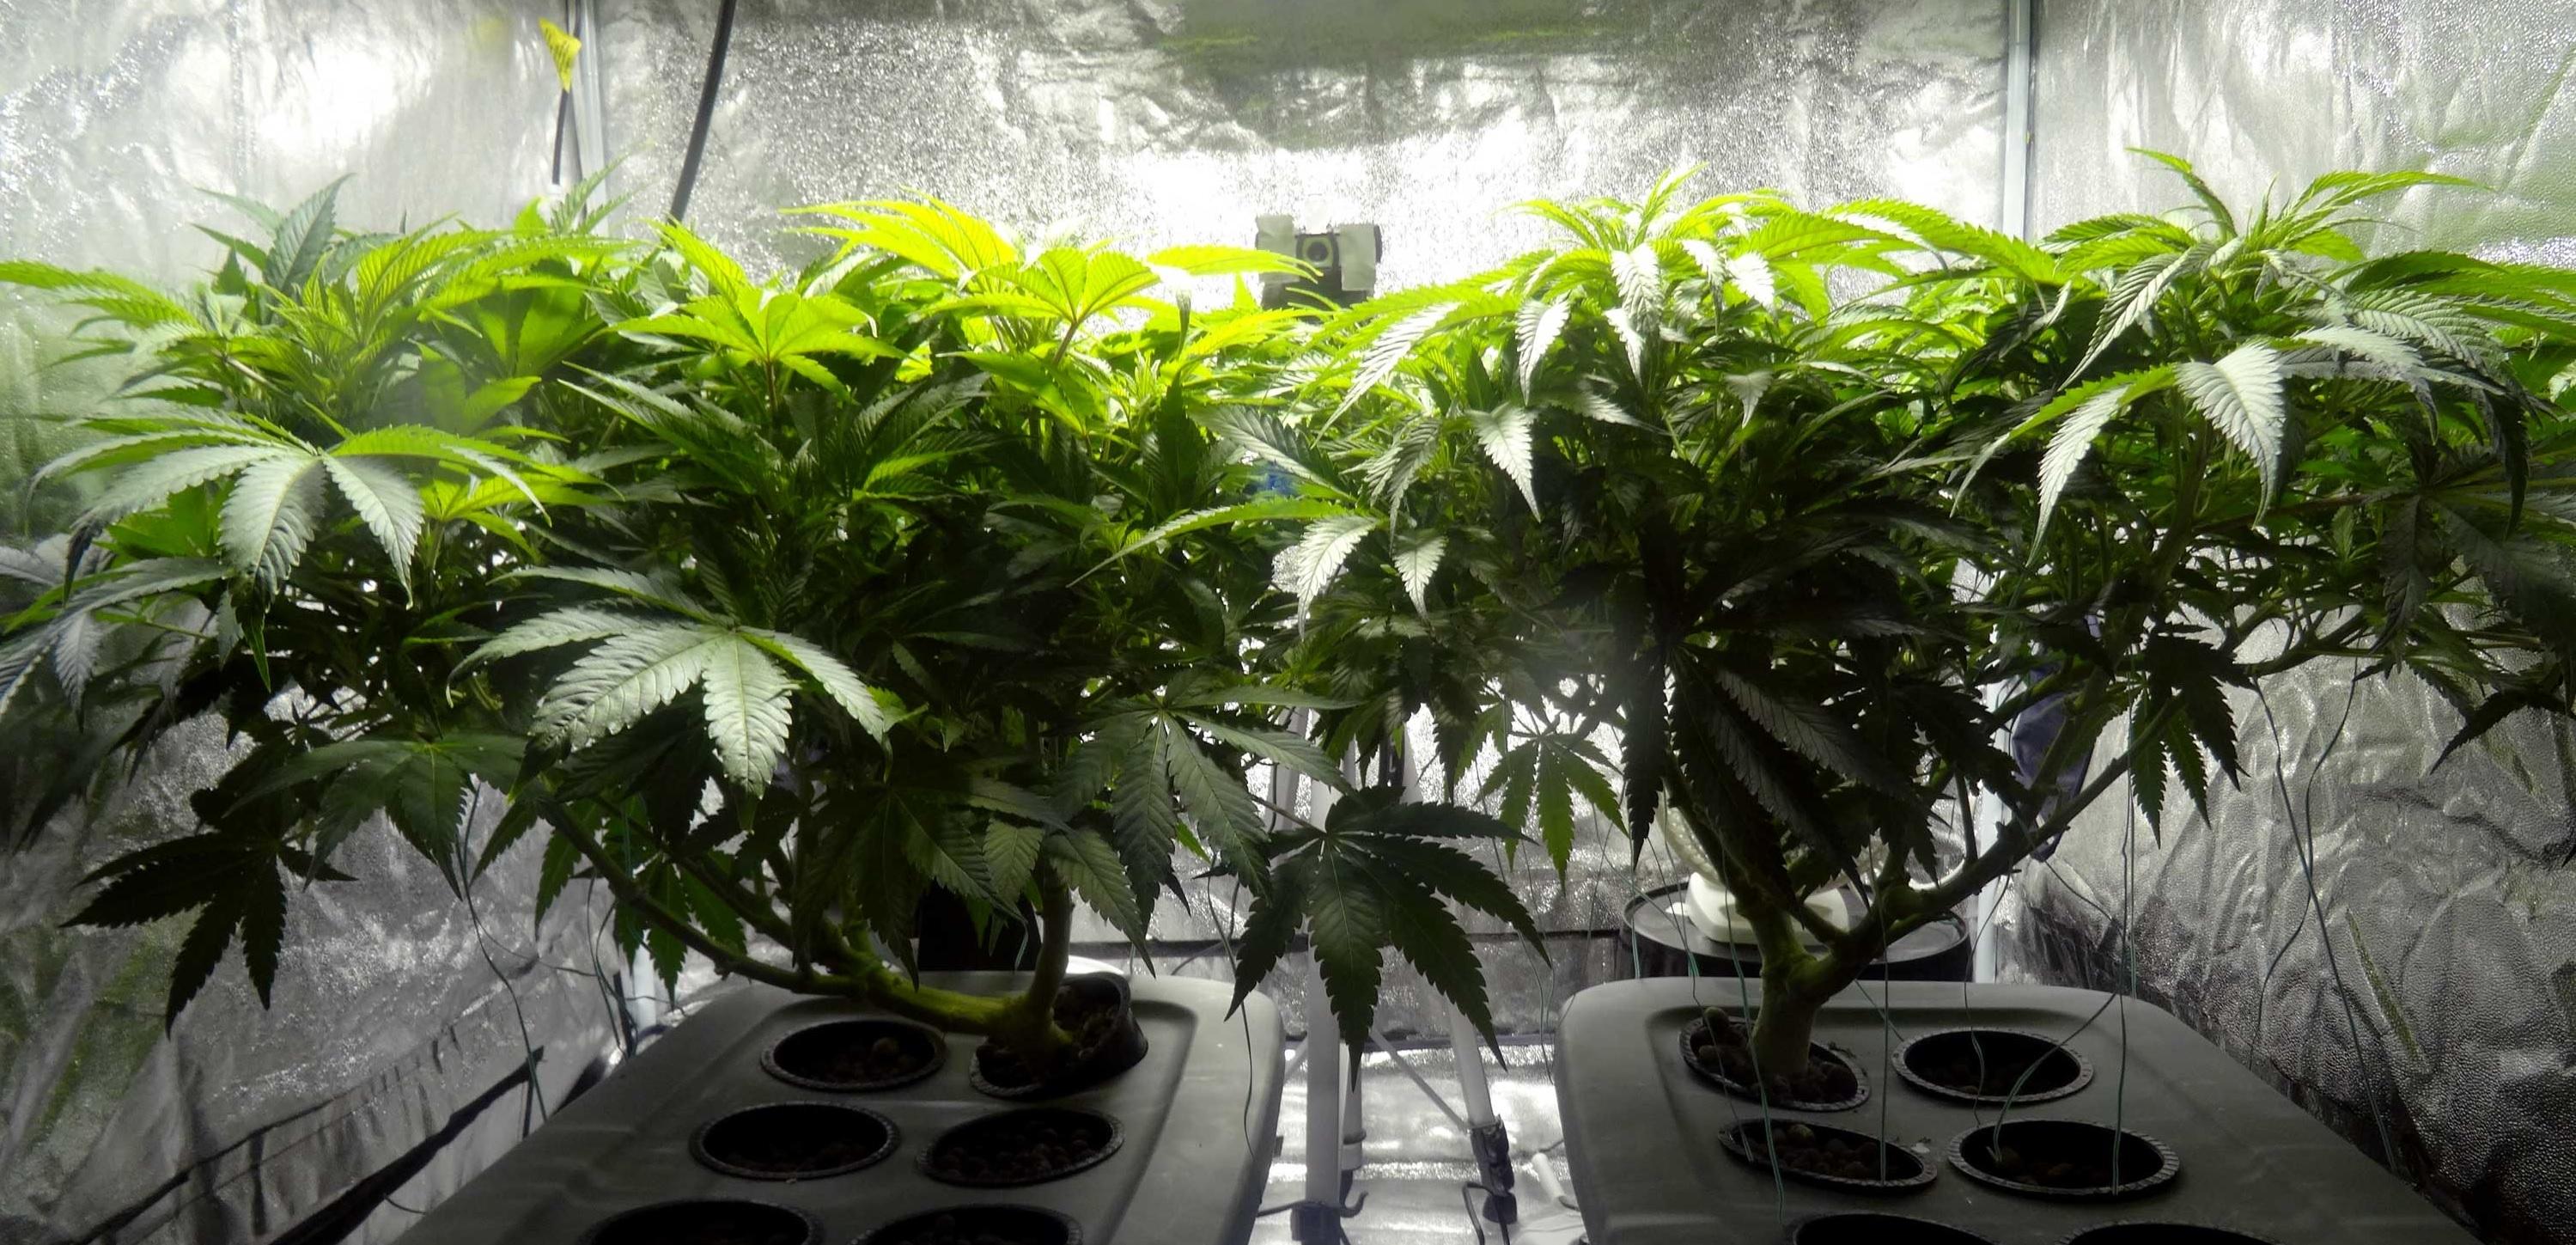 Właściwe oświetlenie roślin